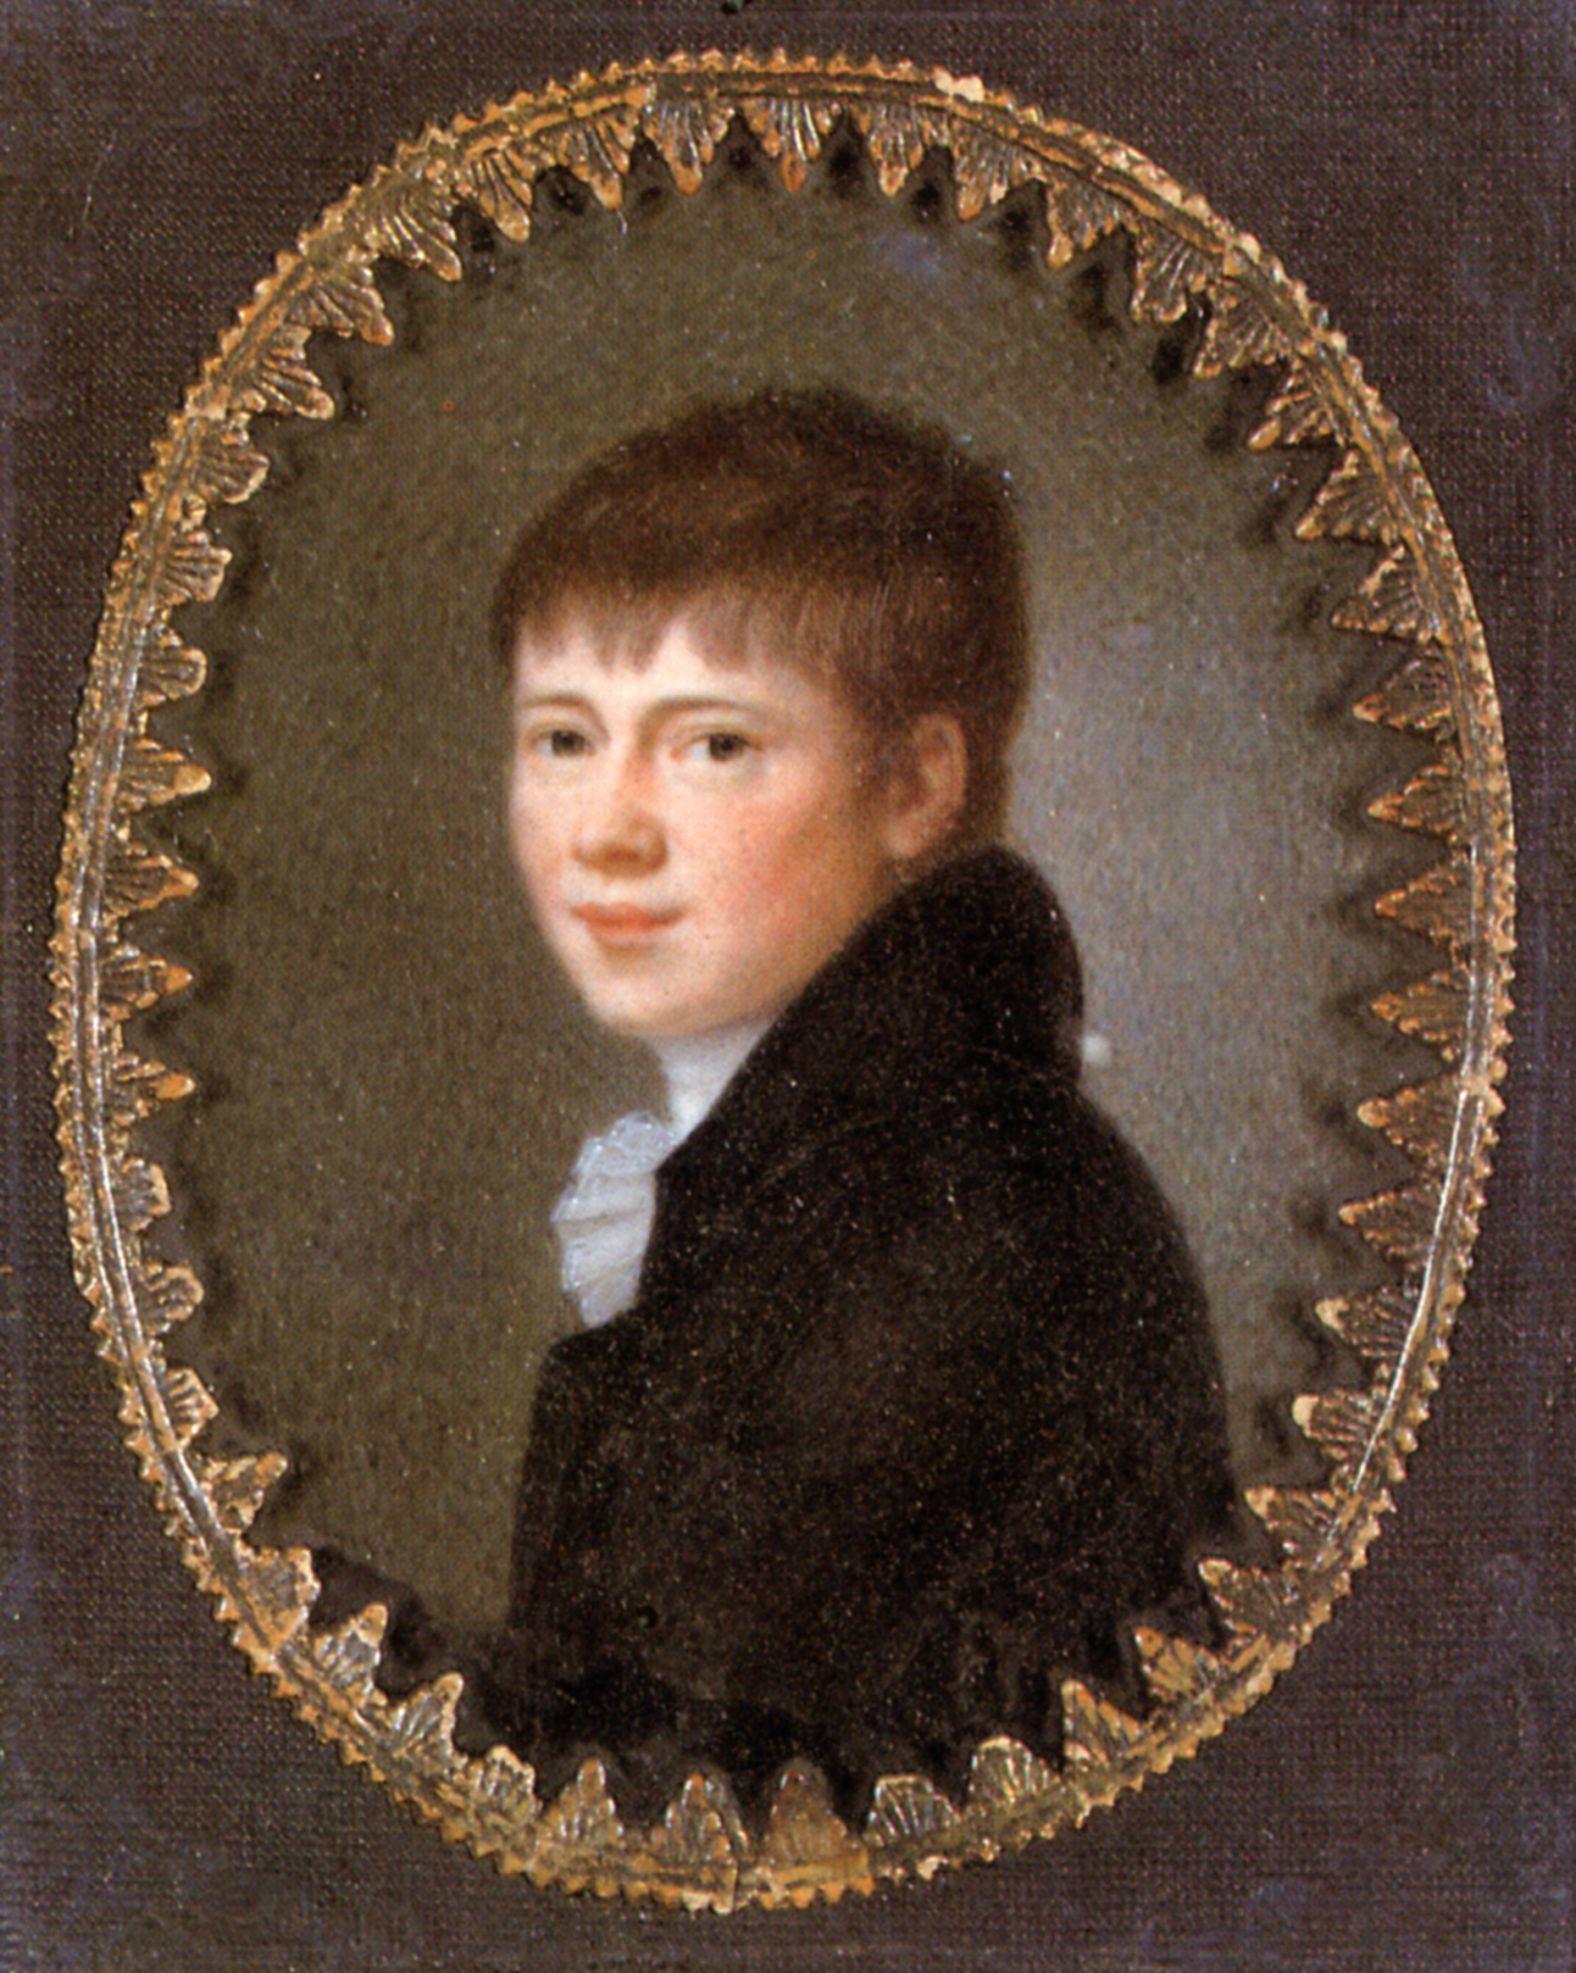 Datei:Heinrich von Kleist (Miniature, Peter Friedel, 1801